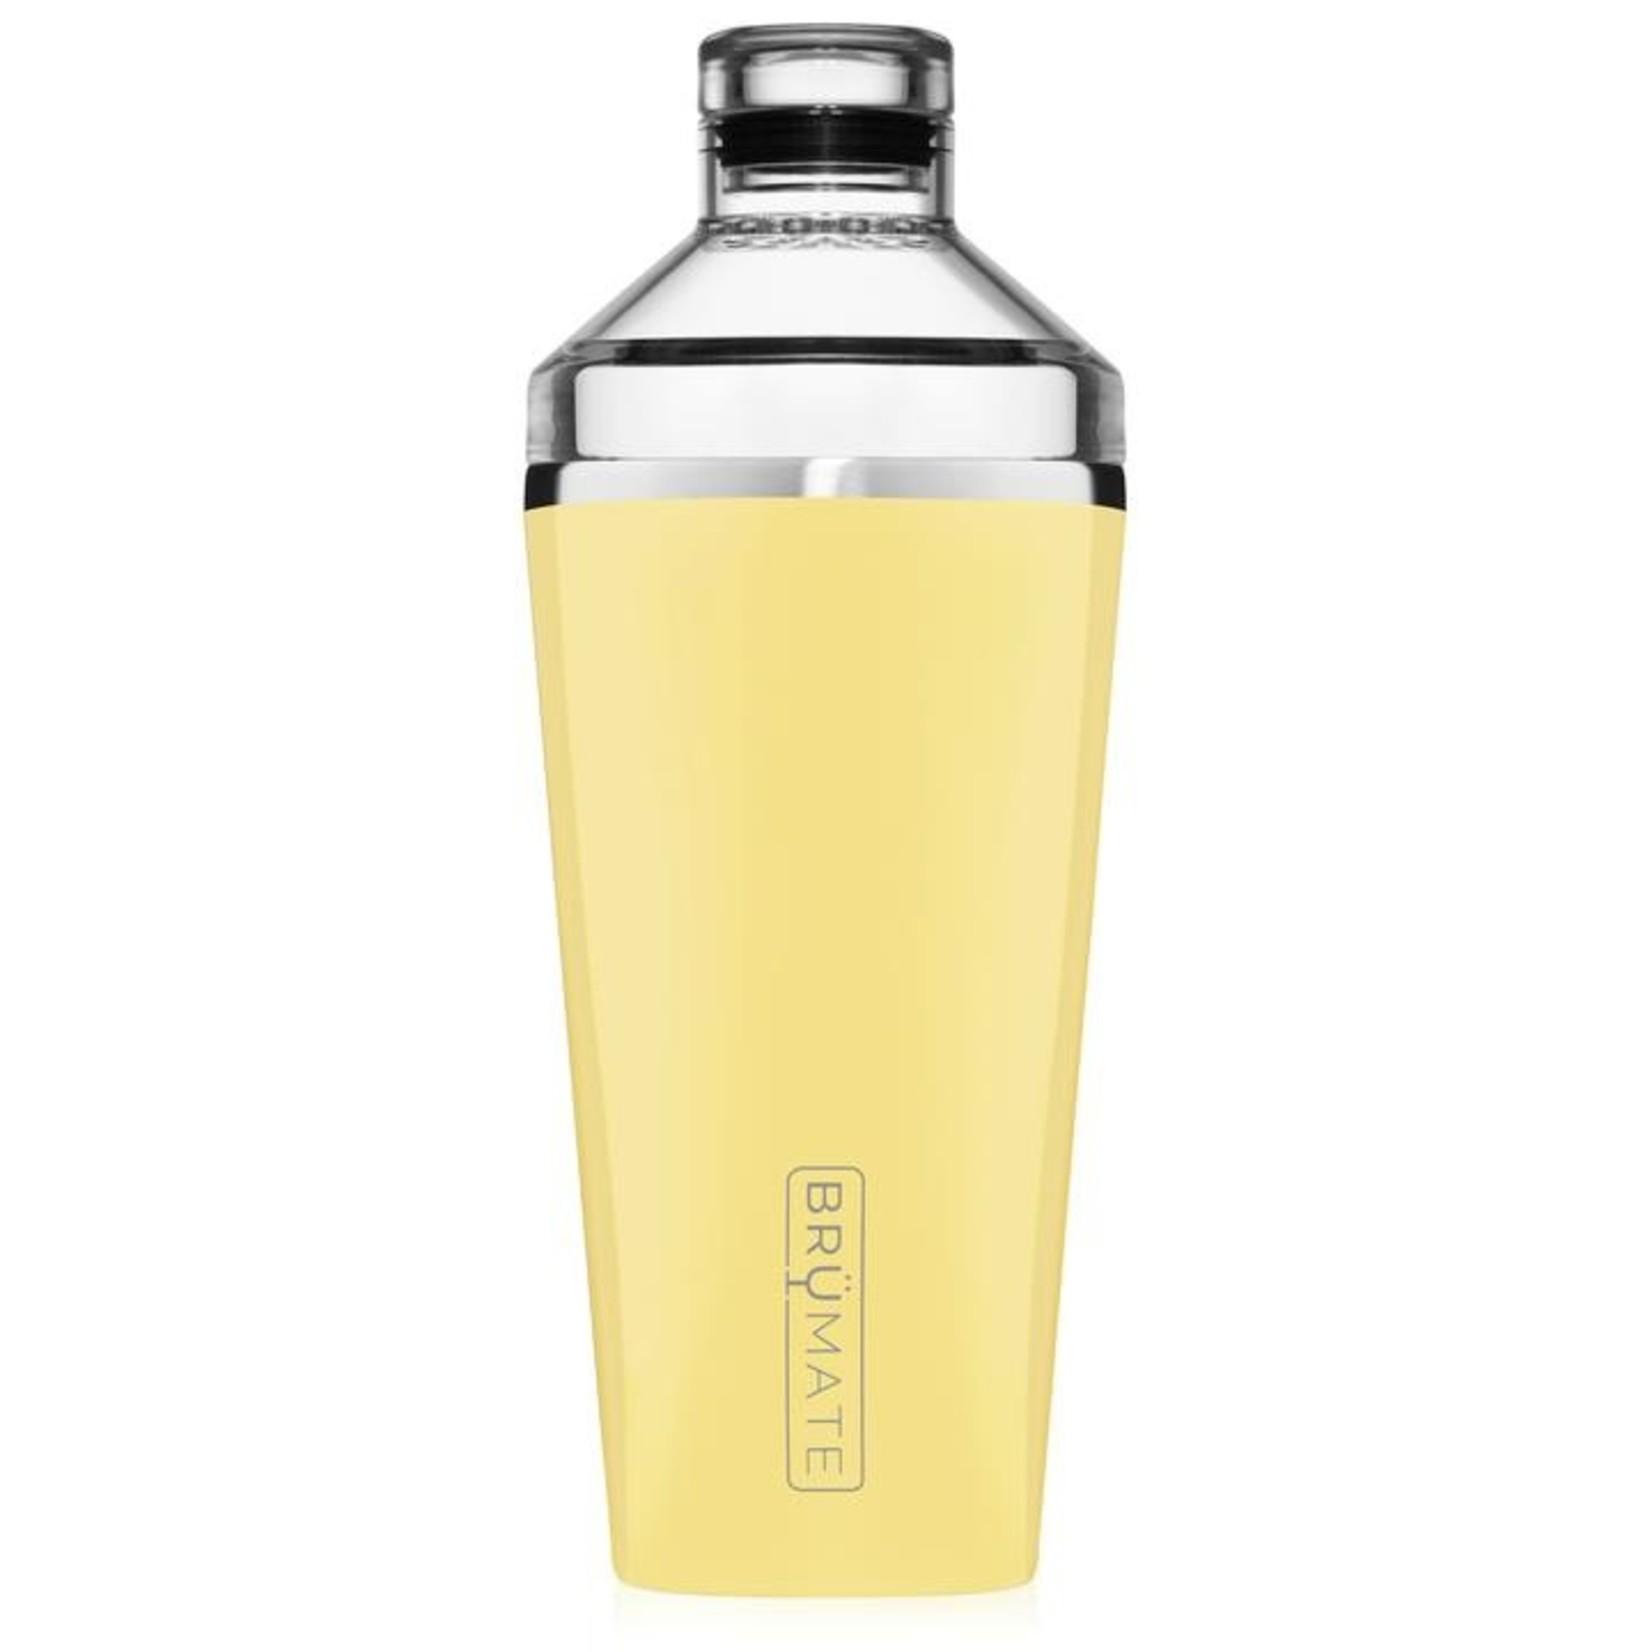 BrüMate Shaker Pint